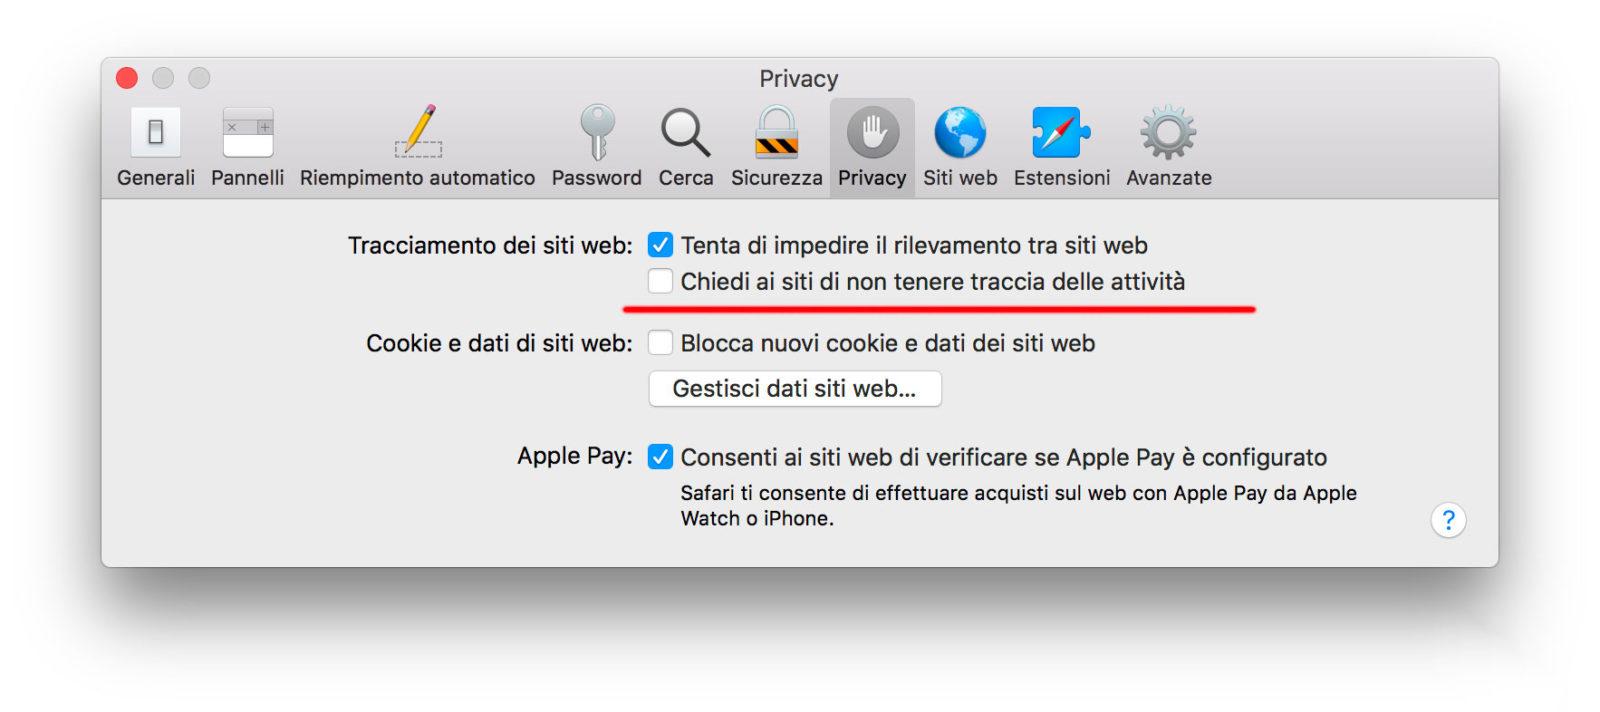 Le Preferenze relative alla Privacy in Safari 12.0